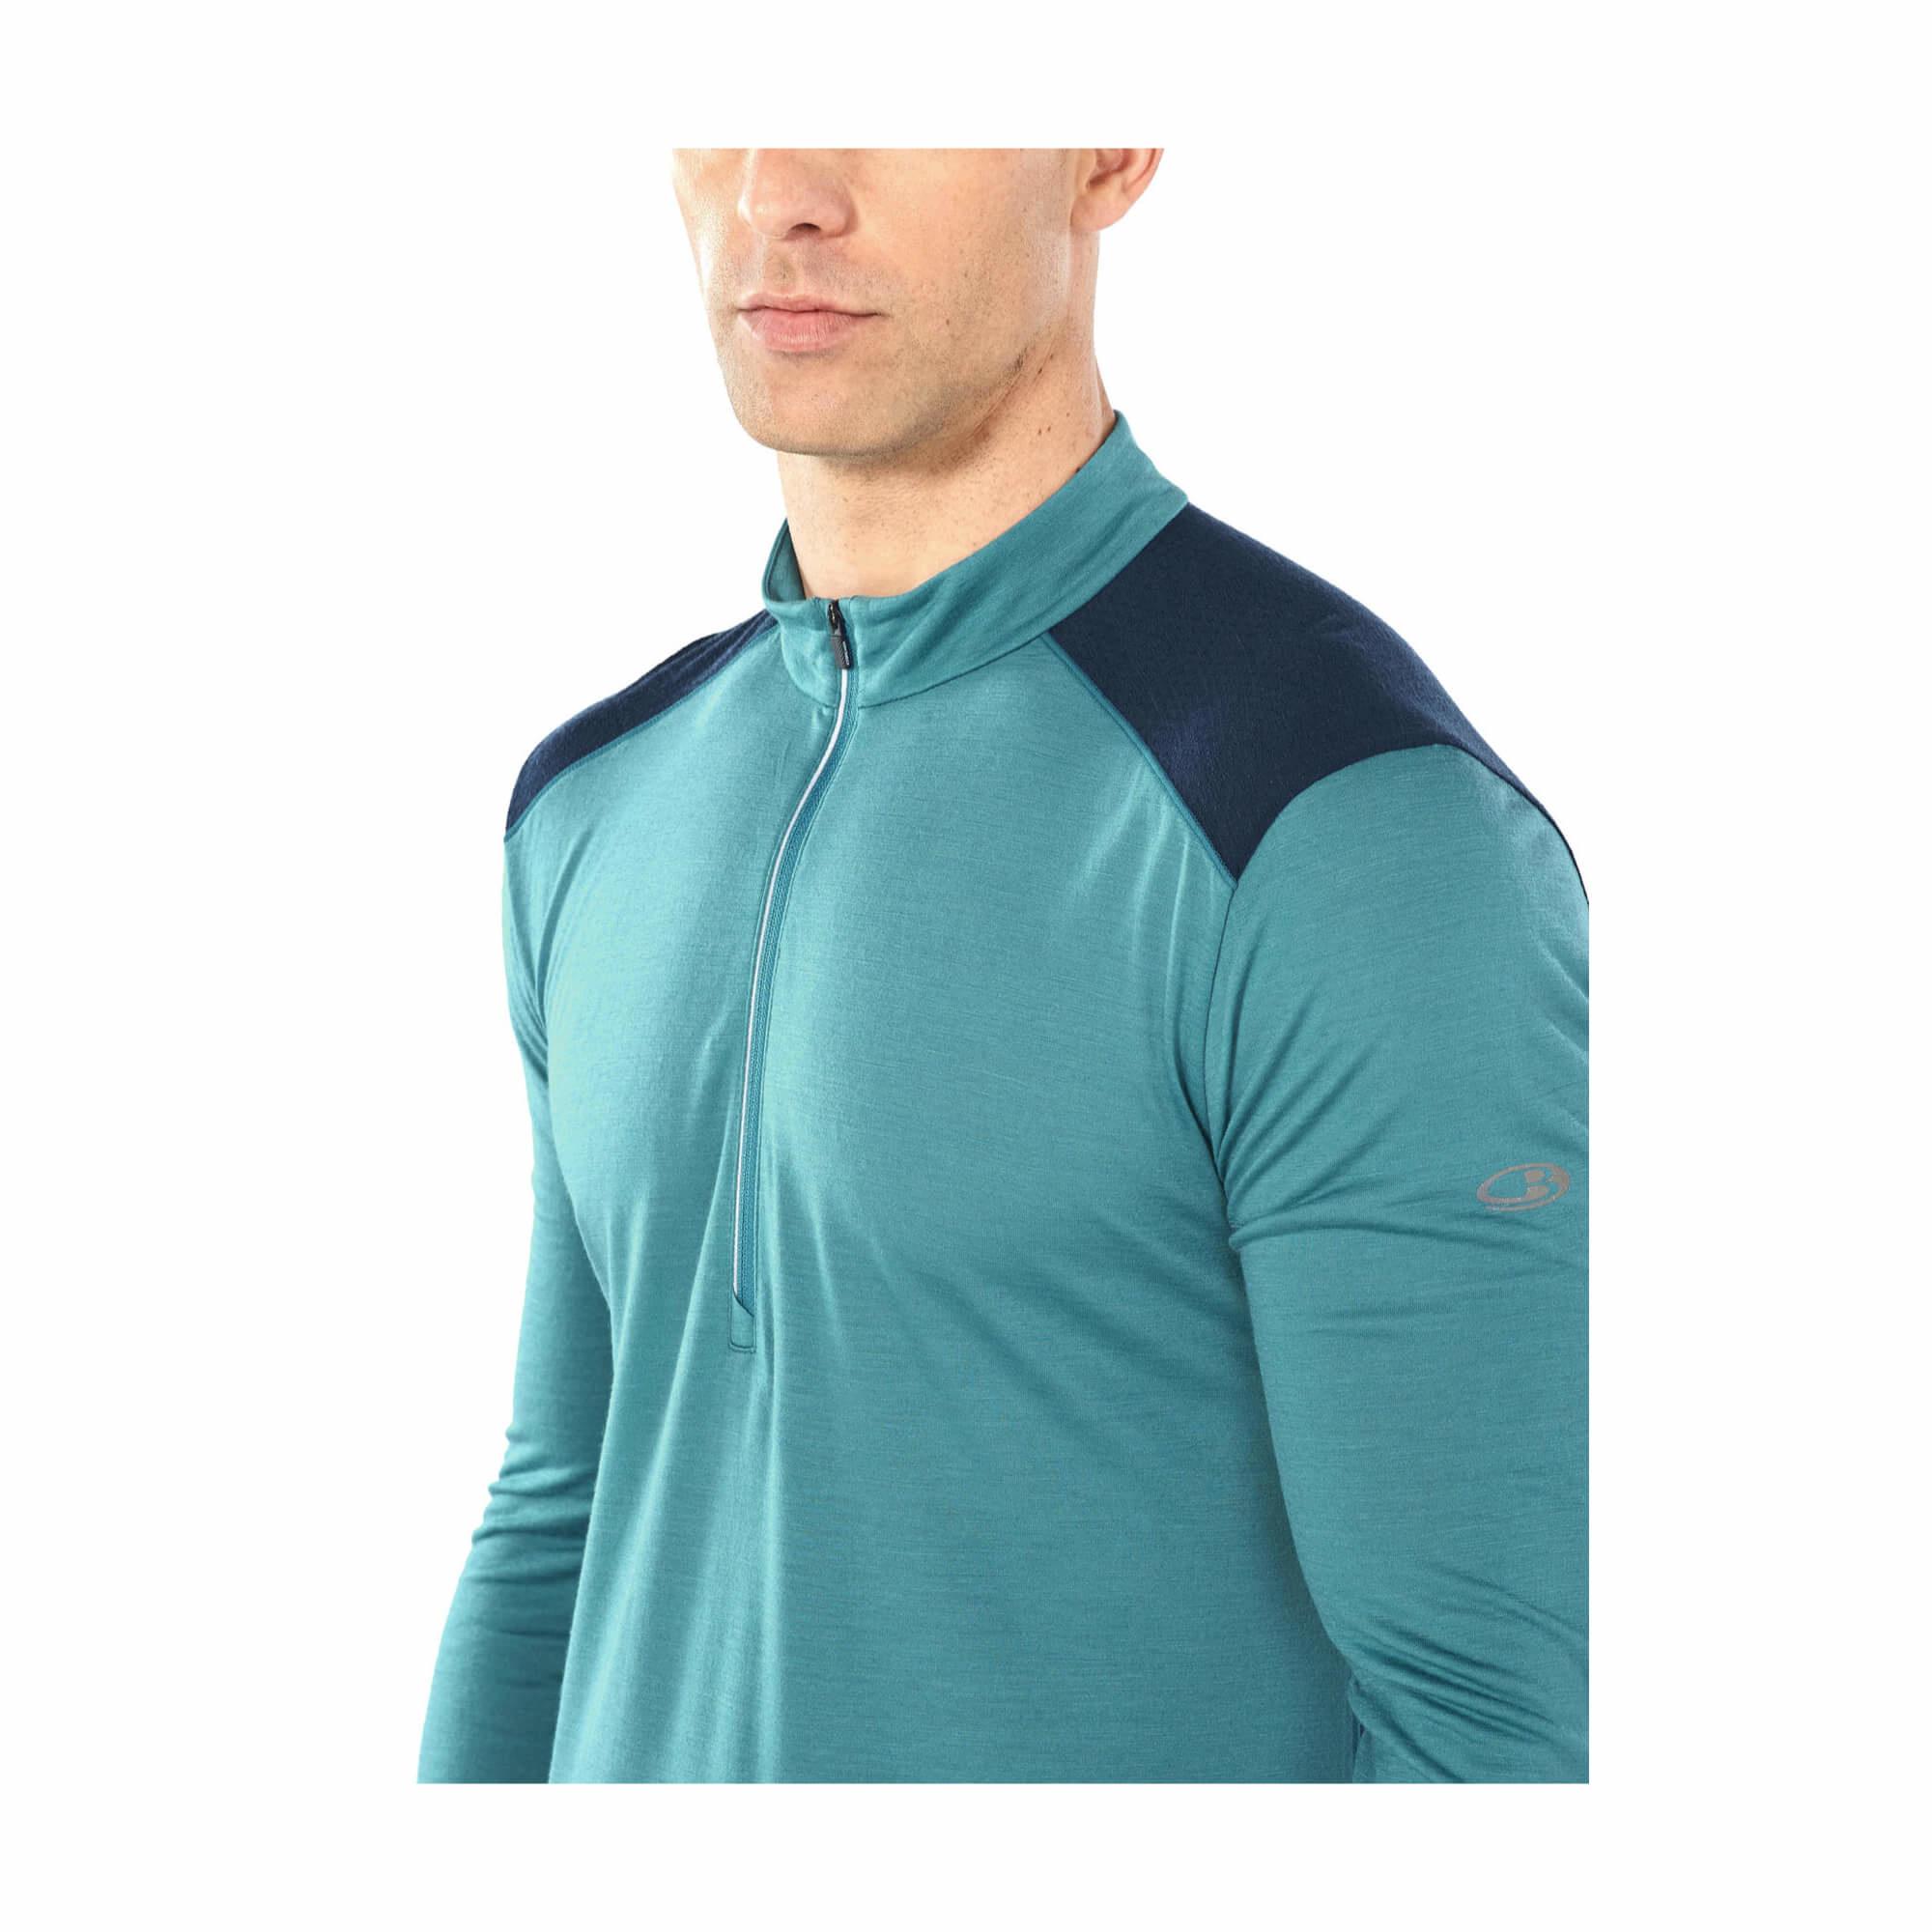 Men's Cool-Lite Merino Amplify Long Sleeve Half Zip Top-5